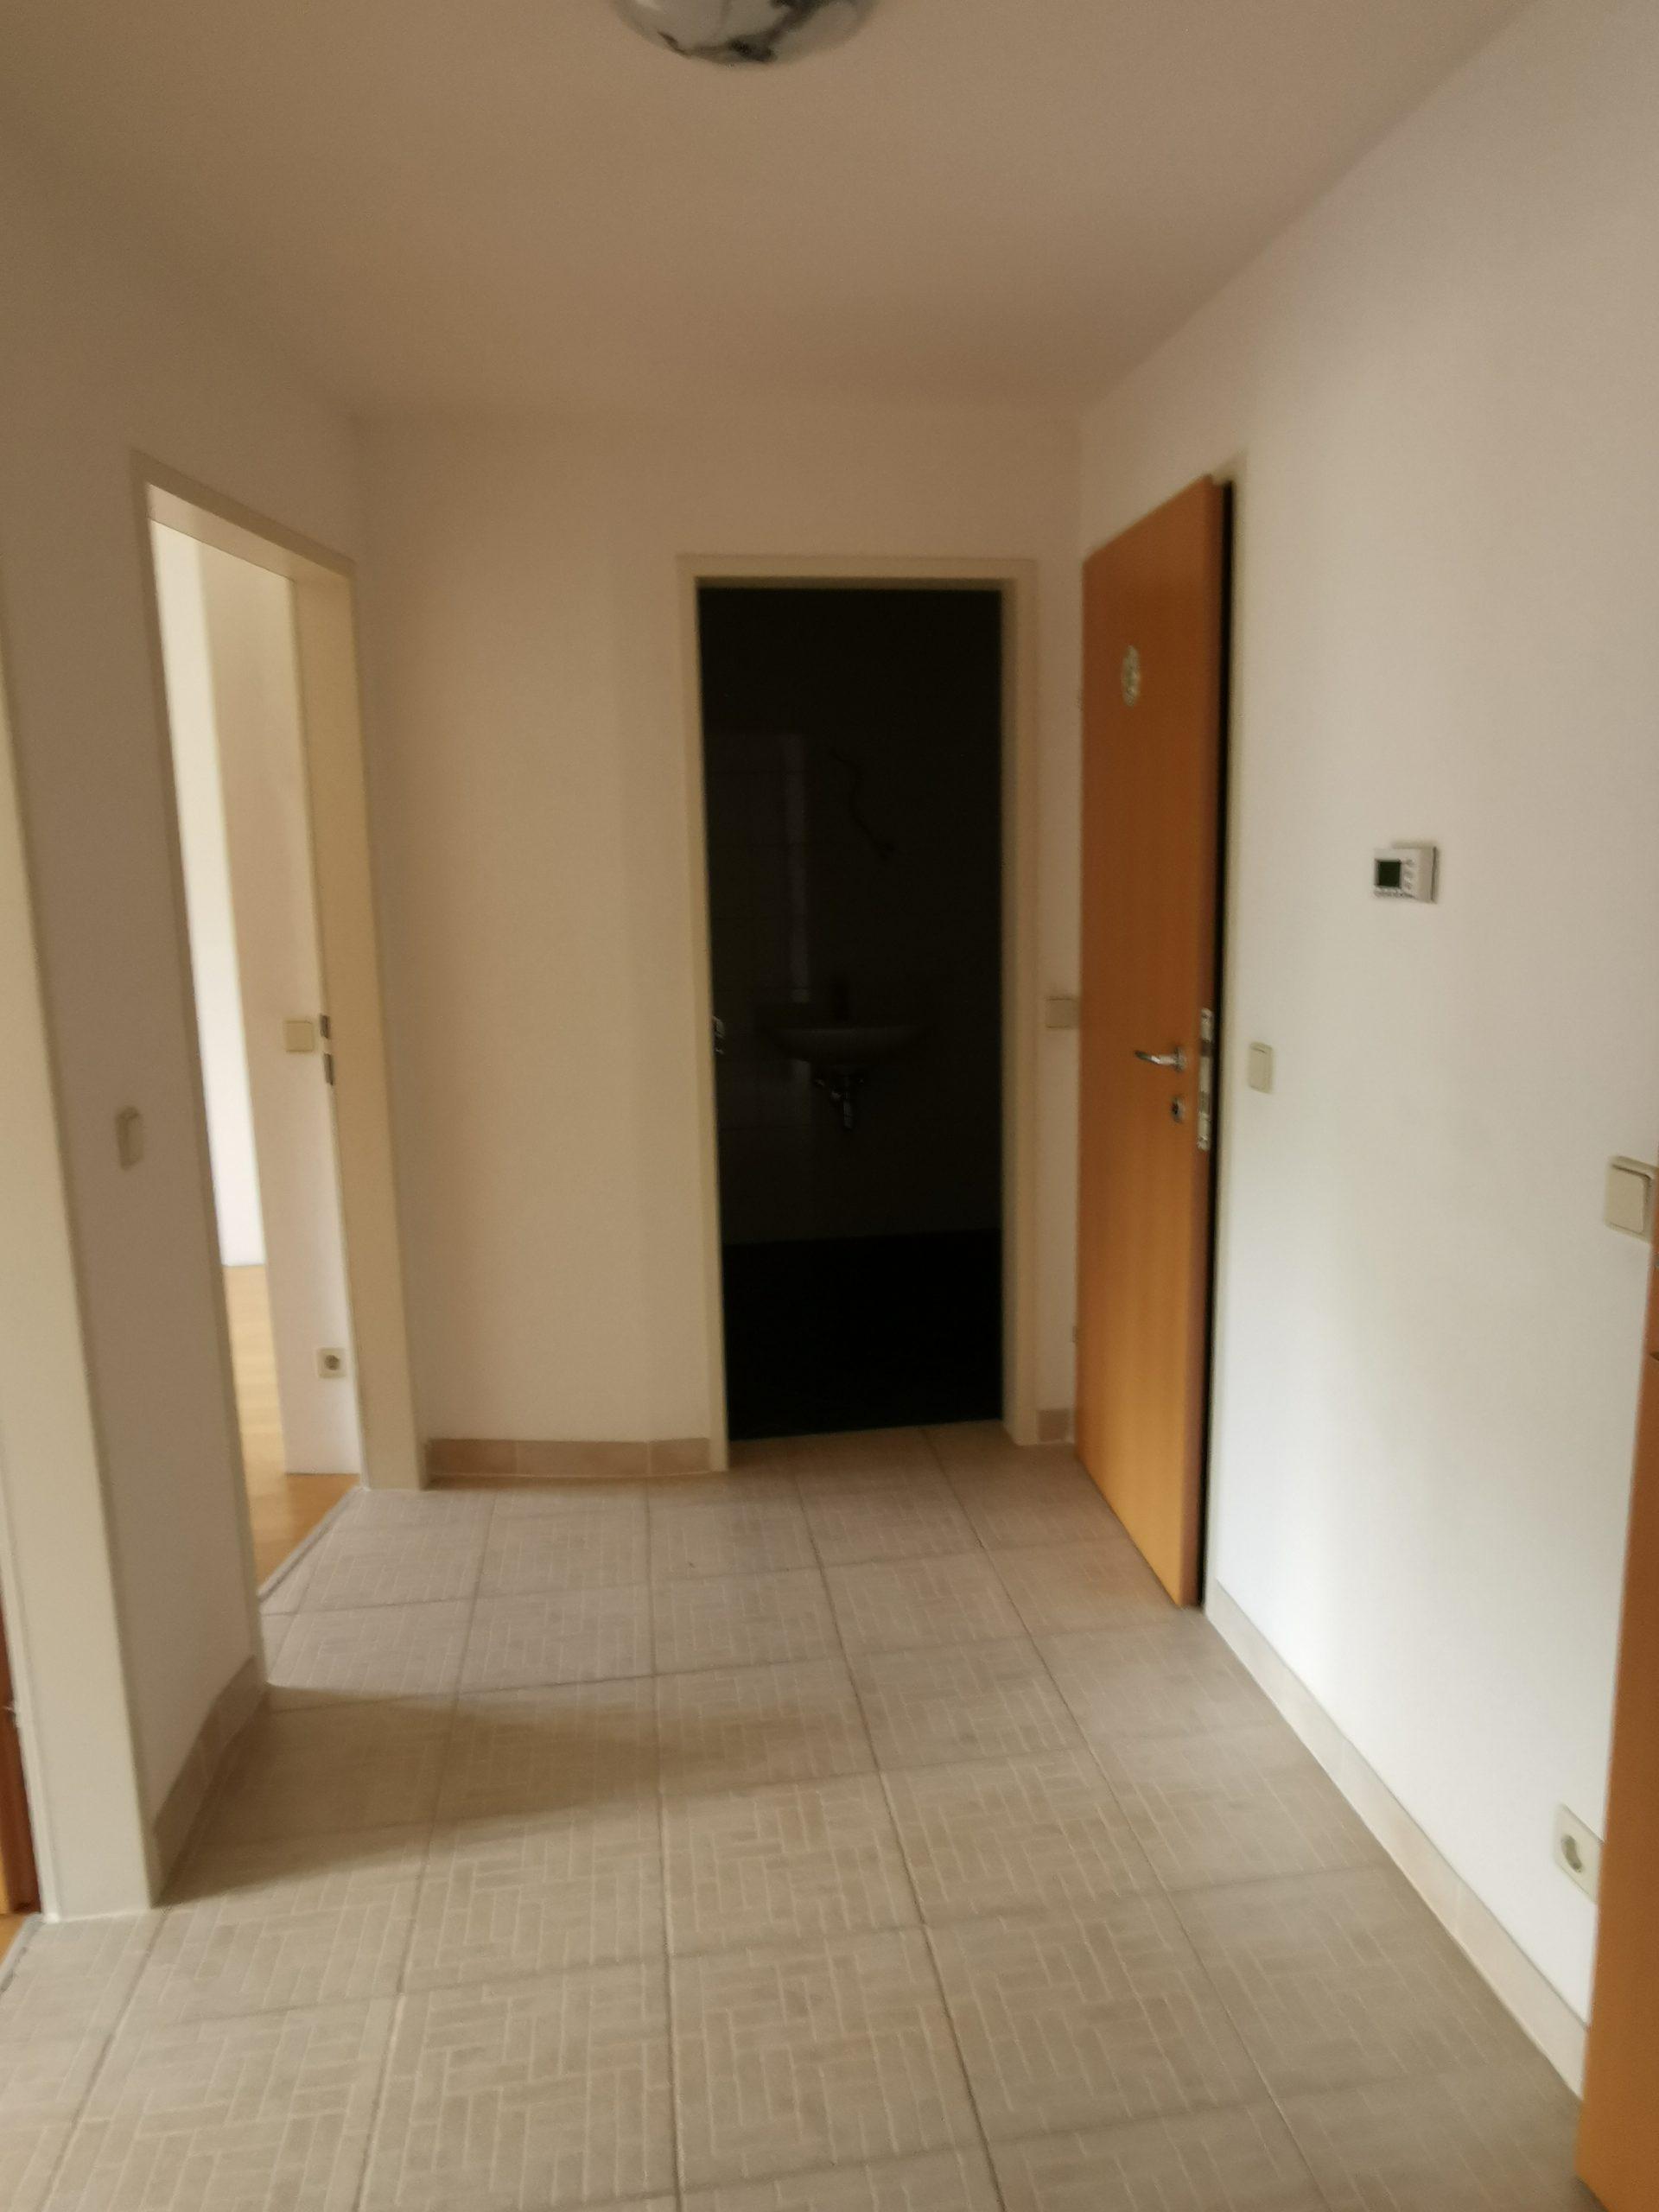 Immobilie von Kamptal in 3730 Eggenburg, Horn, Eggenburg V/2 - Top 111 #0